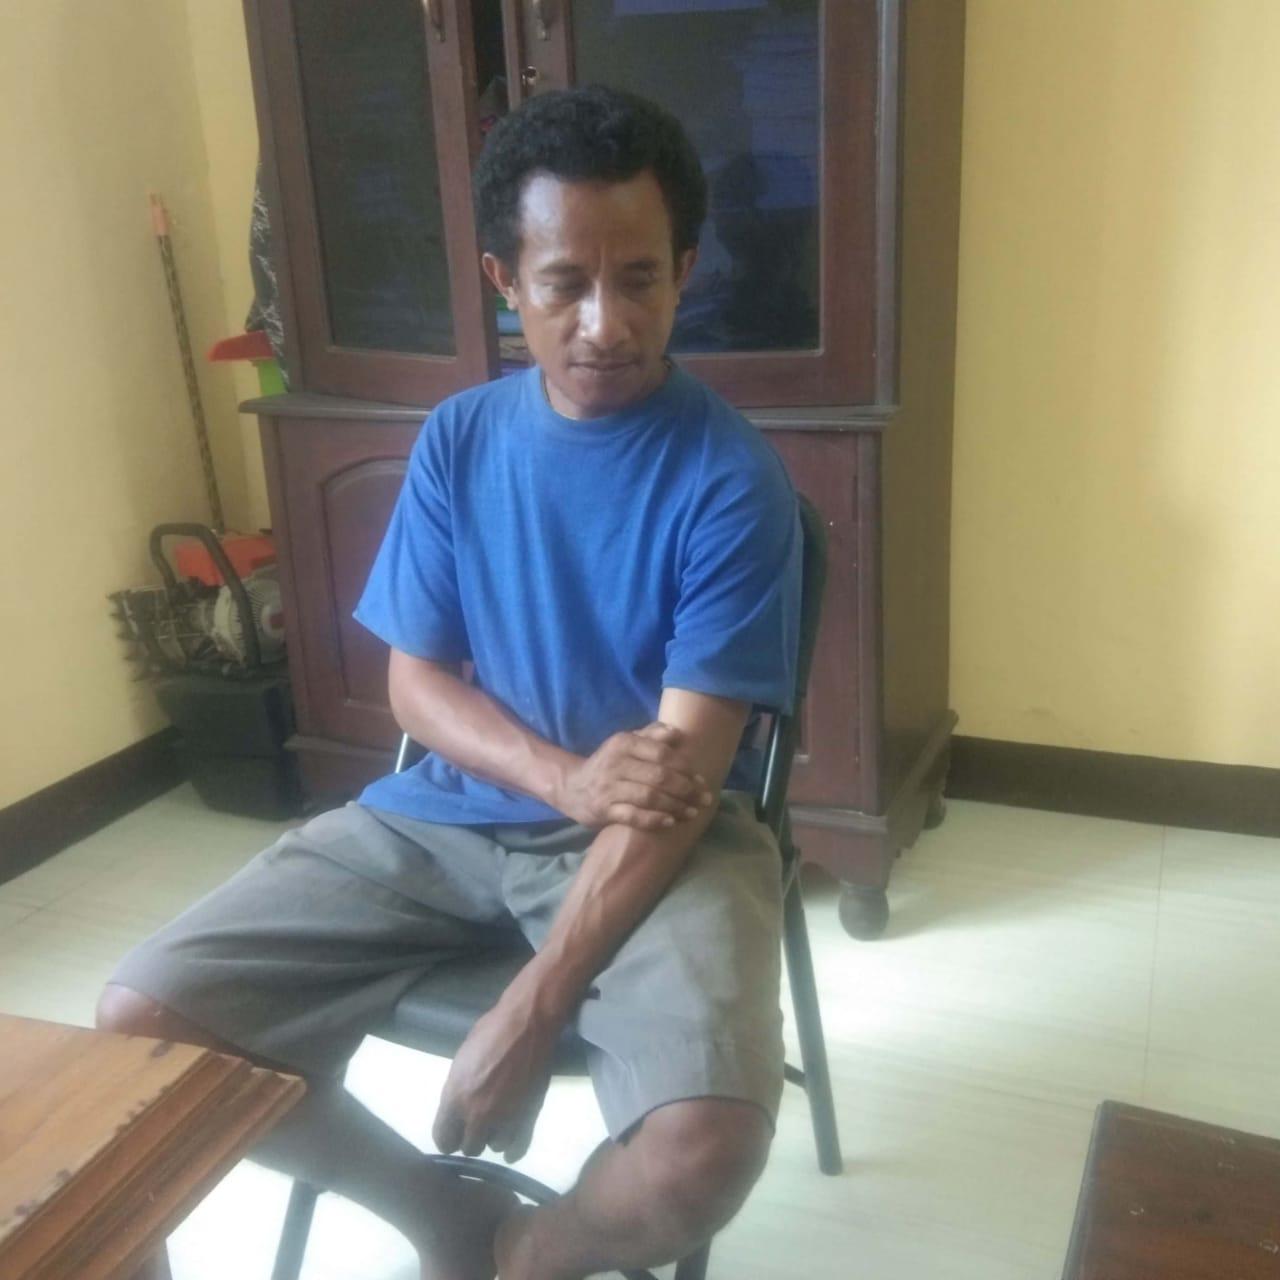 Maki Polisi Di Medsos, Residivis Warga Kupang Timur Ini